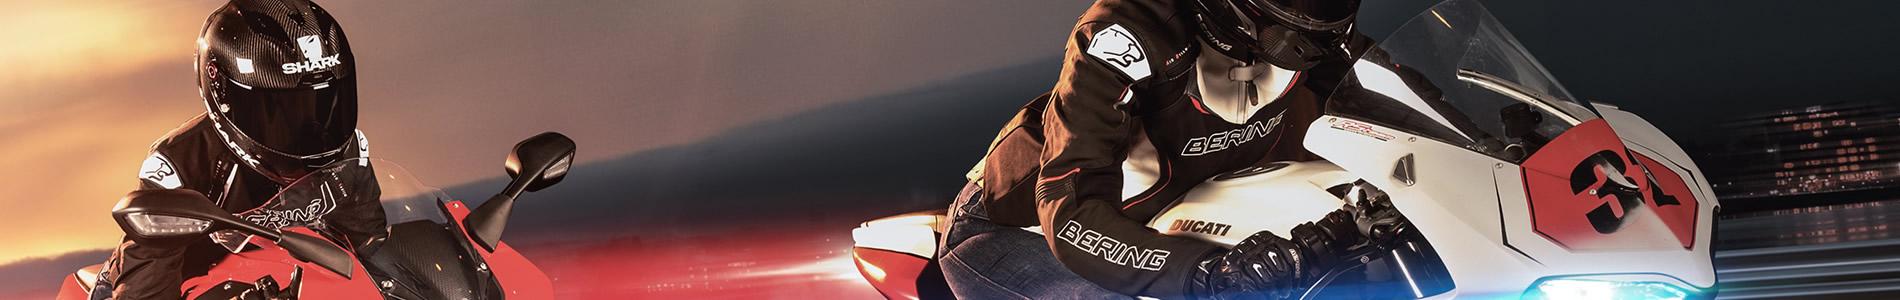 Bering_Banni_re_Cat_Racing_1200x200